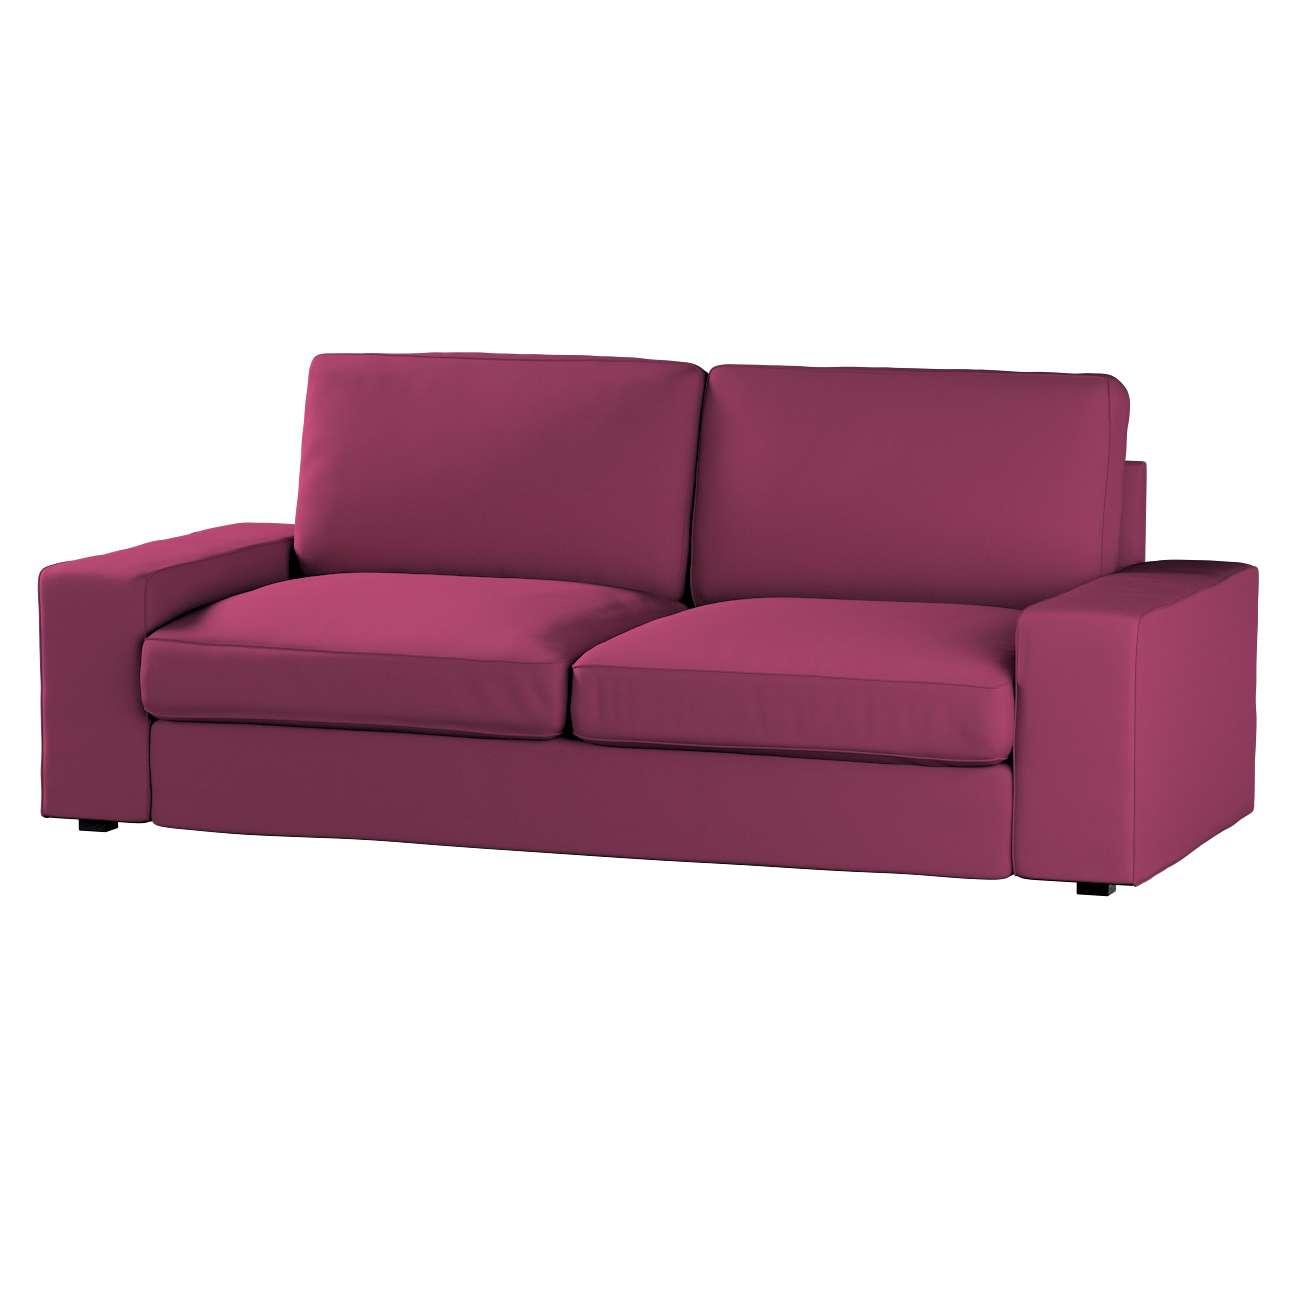 Pokrowiec na sofę Kivik 3-osobową, nierozkładaną Sofa Kivik 3-osobowa nierozkładana w kolekcji Cotton Panama, tkanina: 702-32